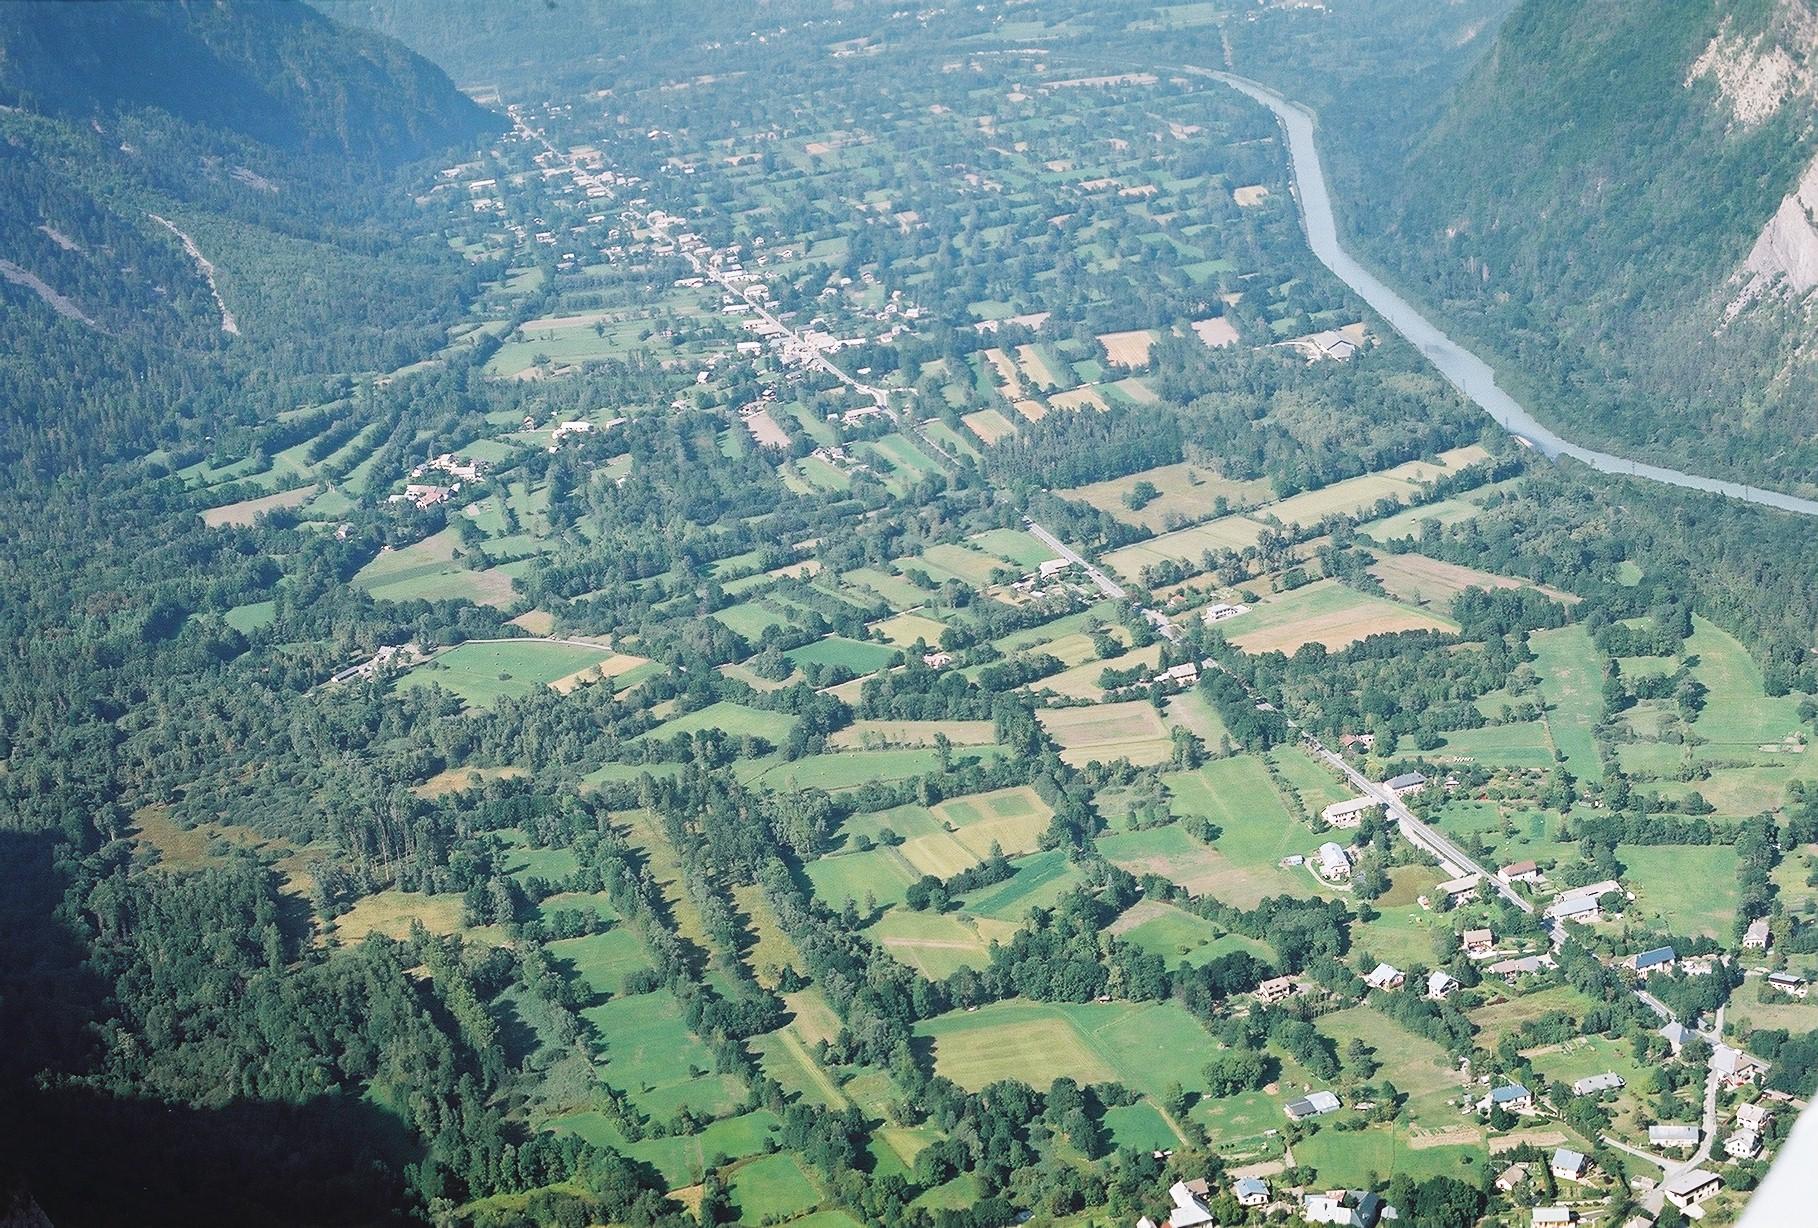 vue aérienne de plaine alluviale